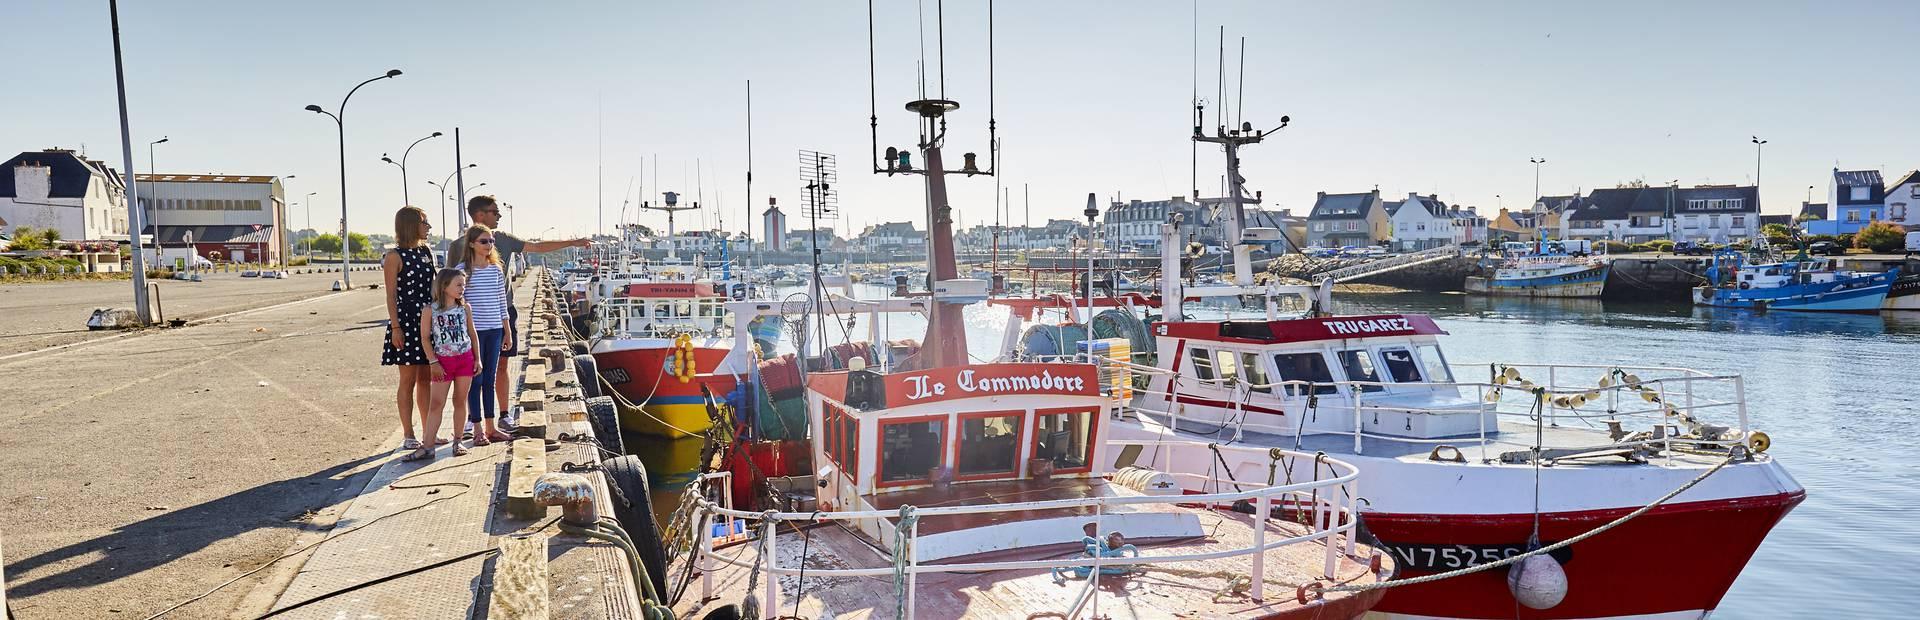 Visite du port du Guilvinec en famille ©A. Lamoureux